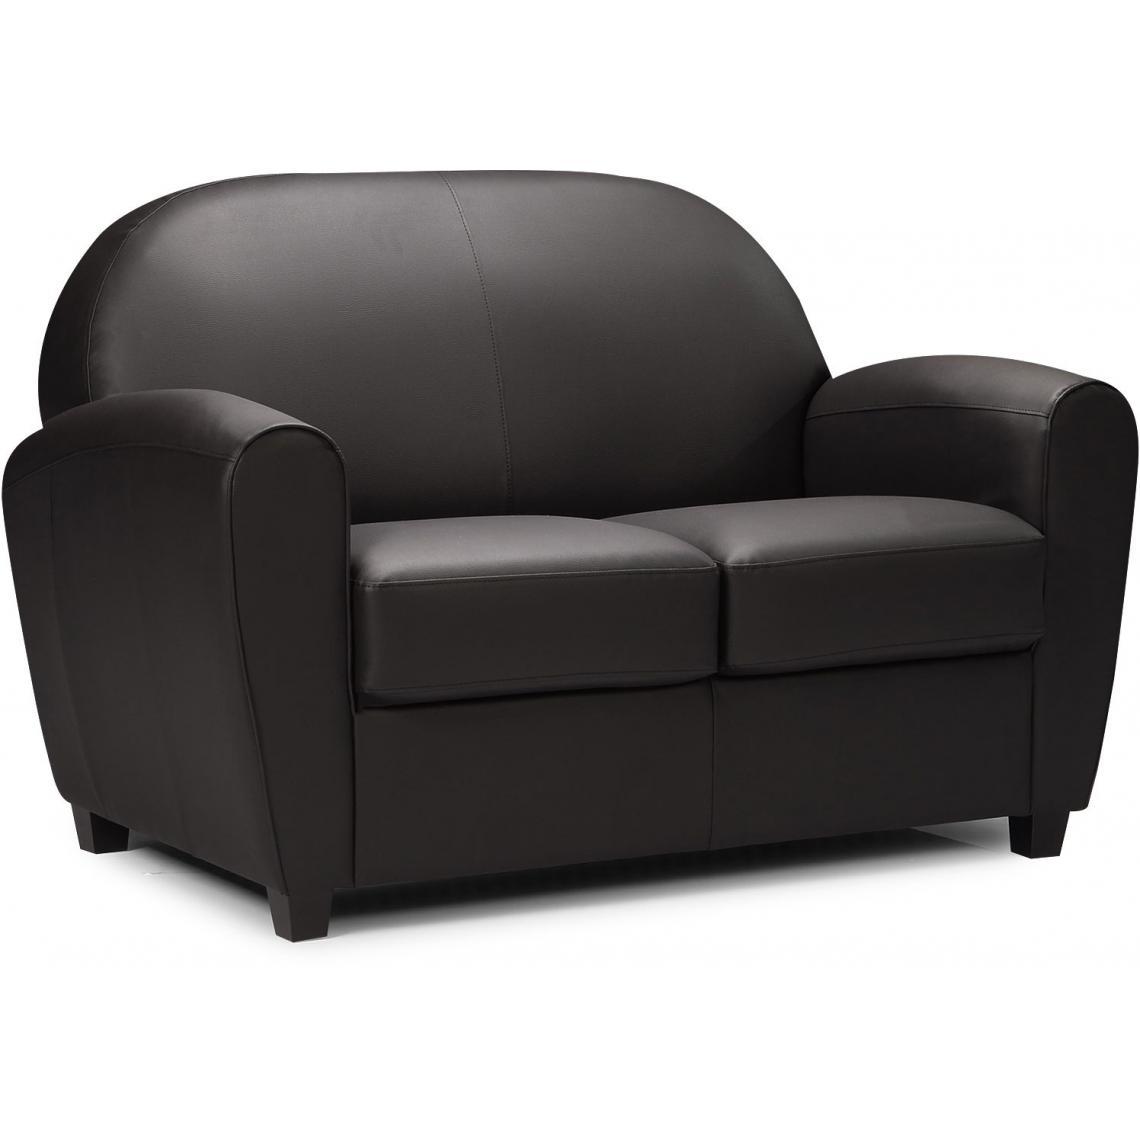 canap club 2 places noir heloise 3 suisses. Black Bedroom Furniture Sets. Home Design Ideas